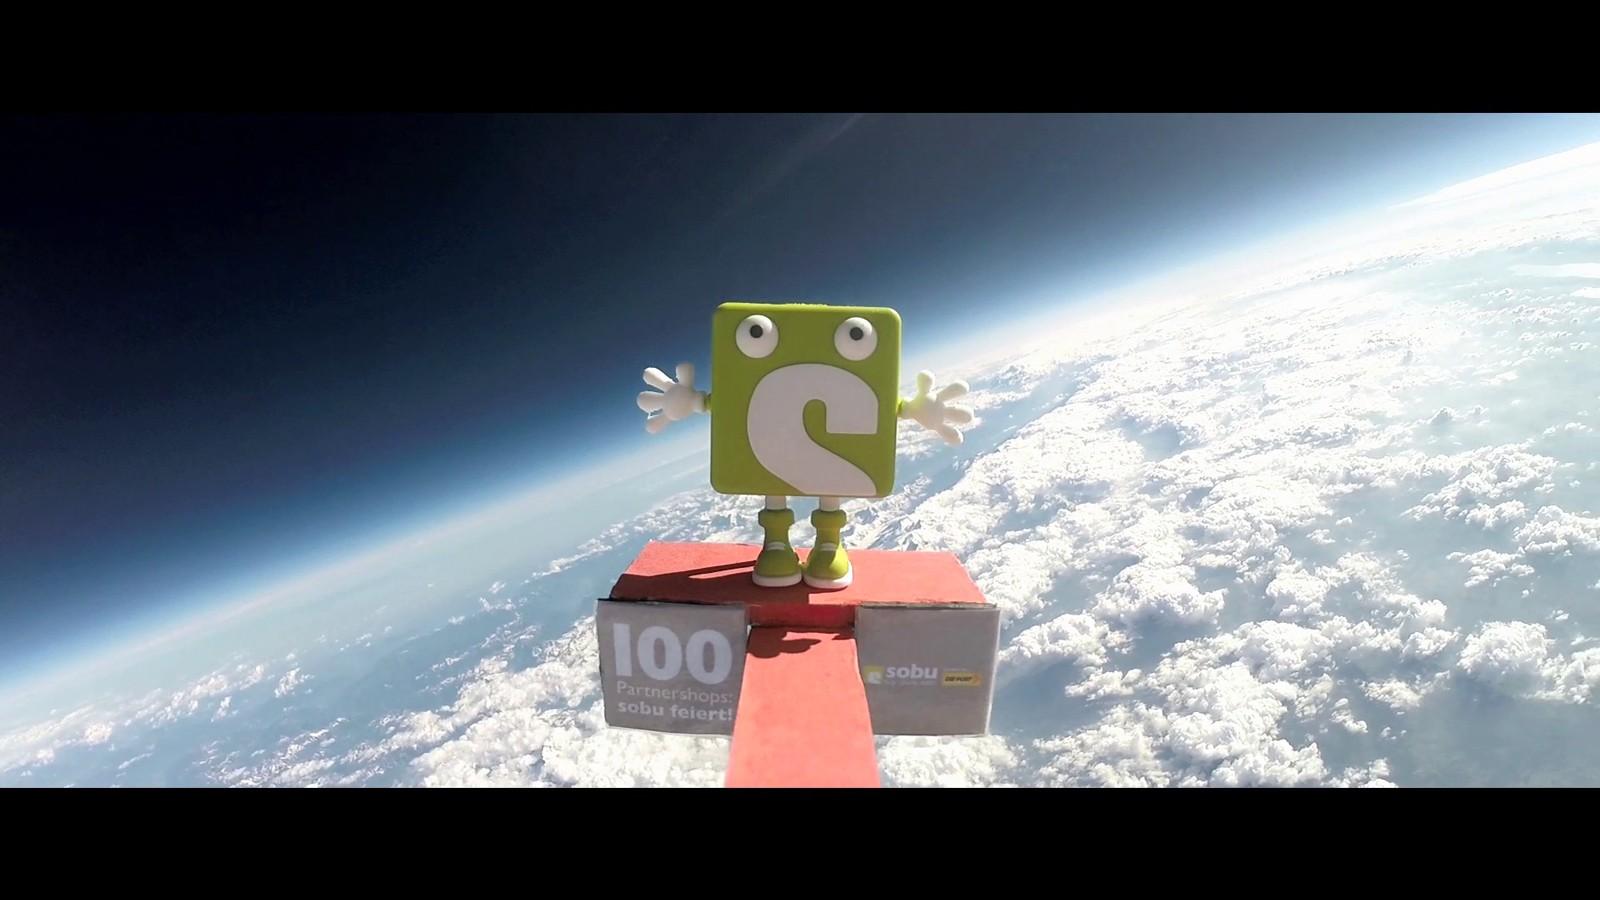 Sobu Logo Stratosphäre